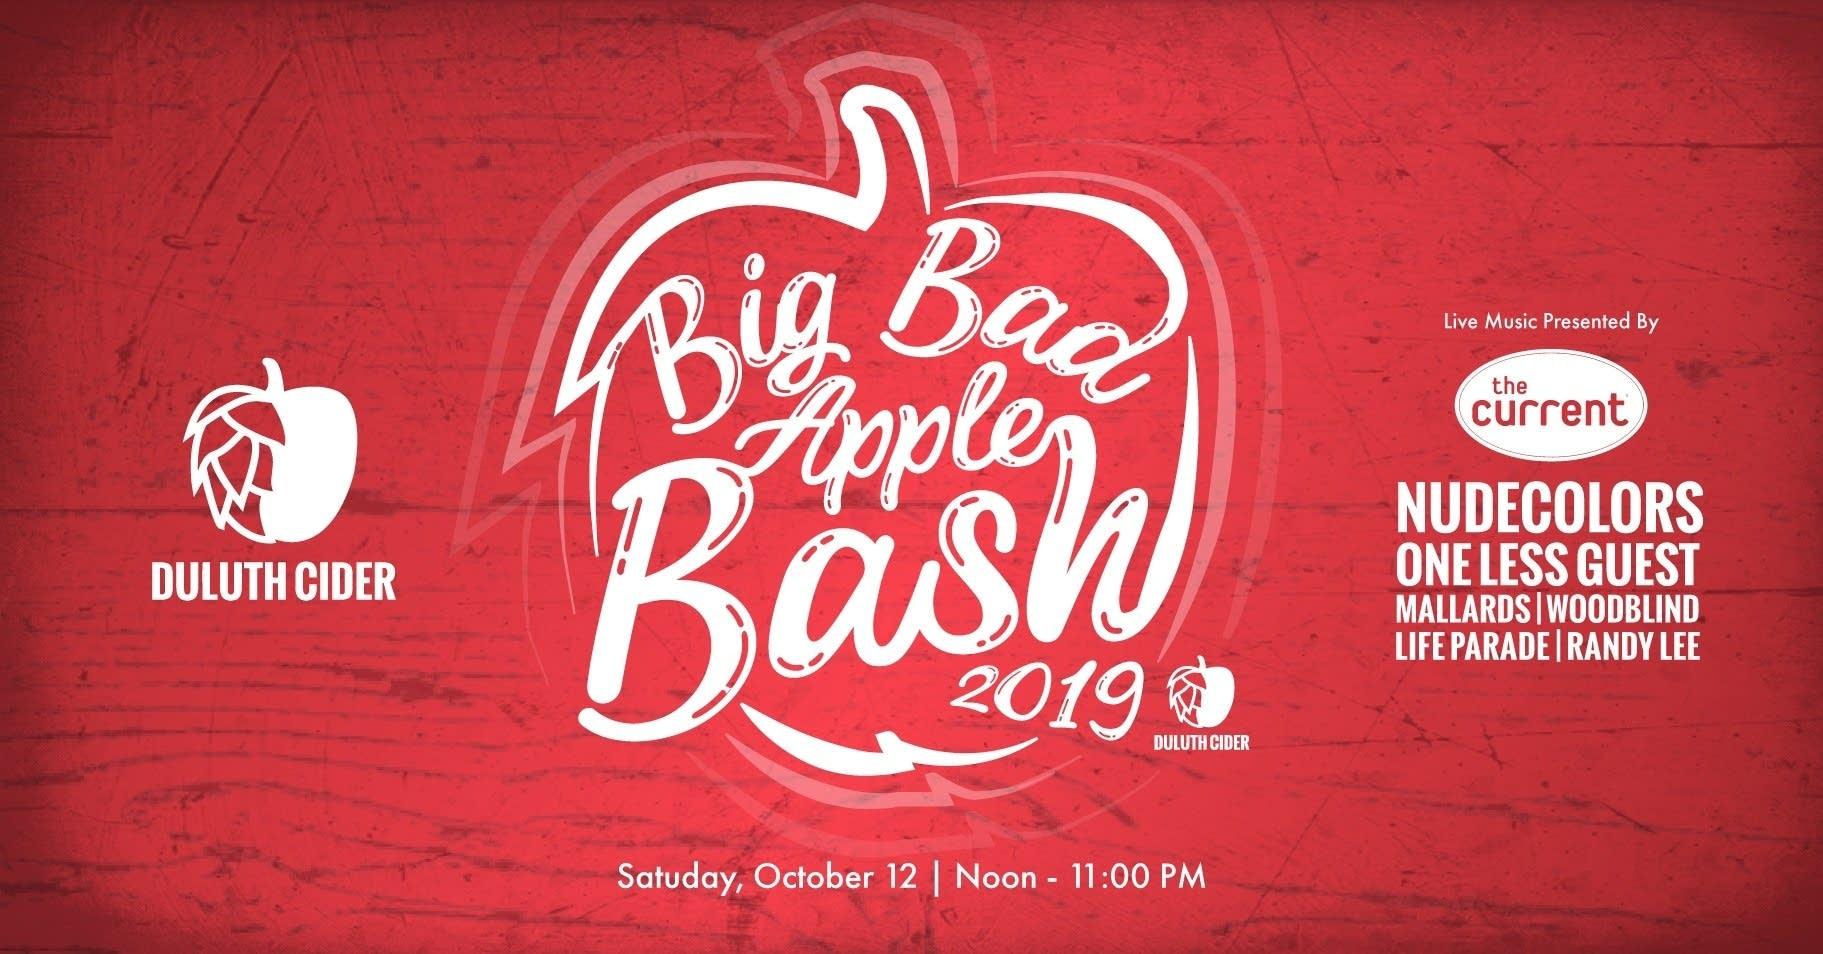 big-bad-apple-bash-duluth-cider